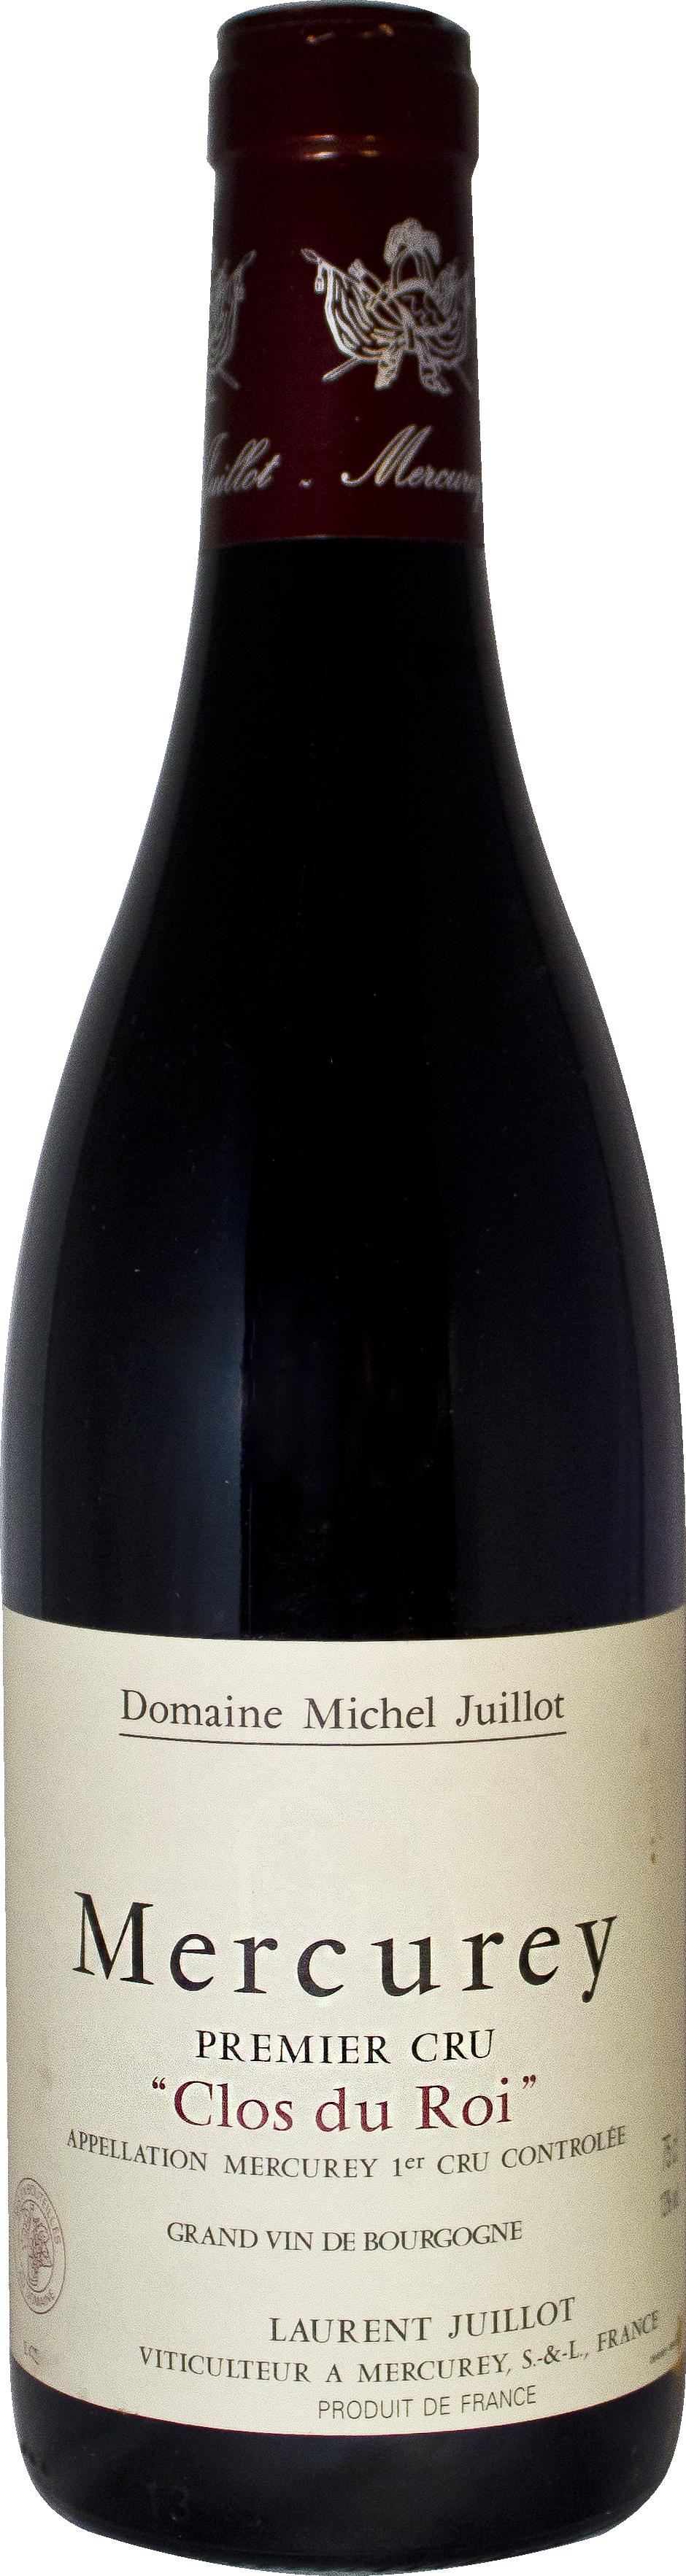 Domaine Michel Juillot bouteille de Mercurey Rouge Premier Cru Clos du Roi